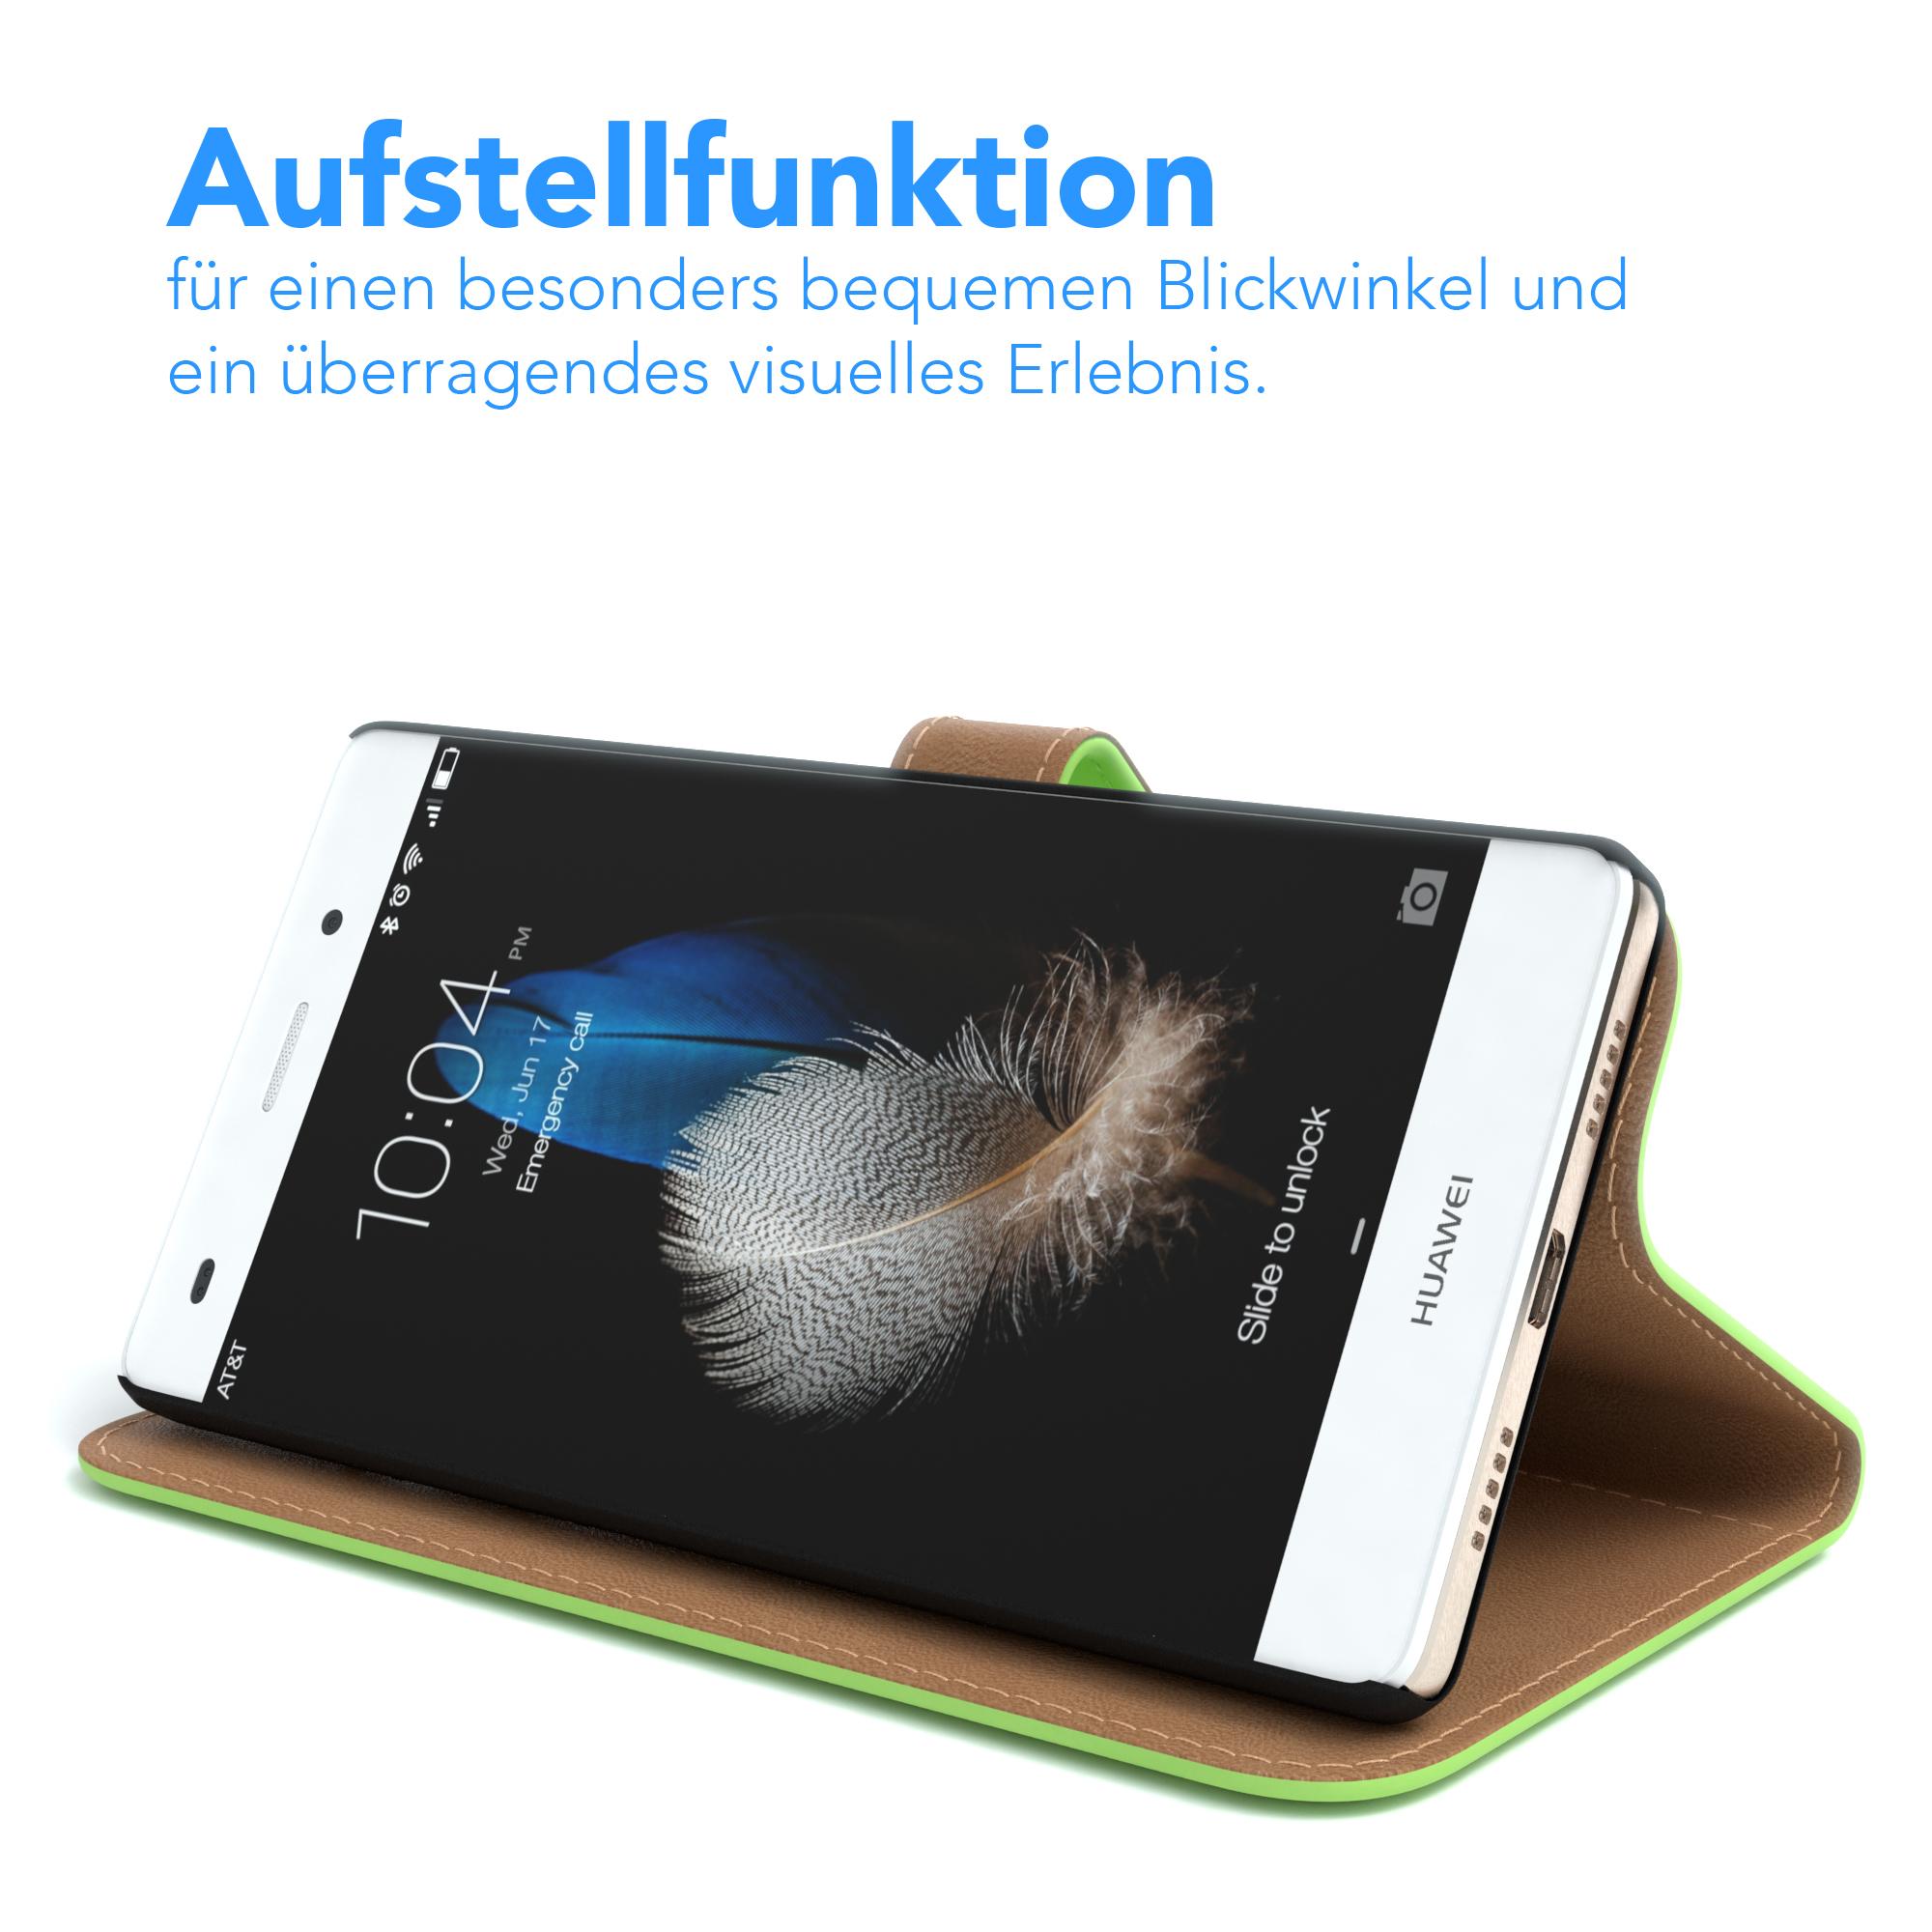 Tasche für Huawei P8 Lite (2015) Case Wallet Schutz Hülle Cover Grün